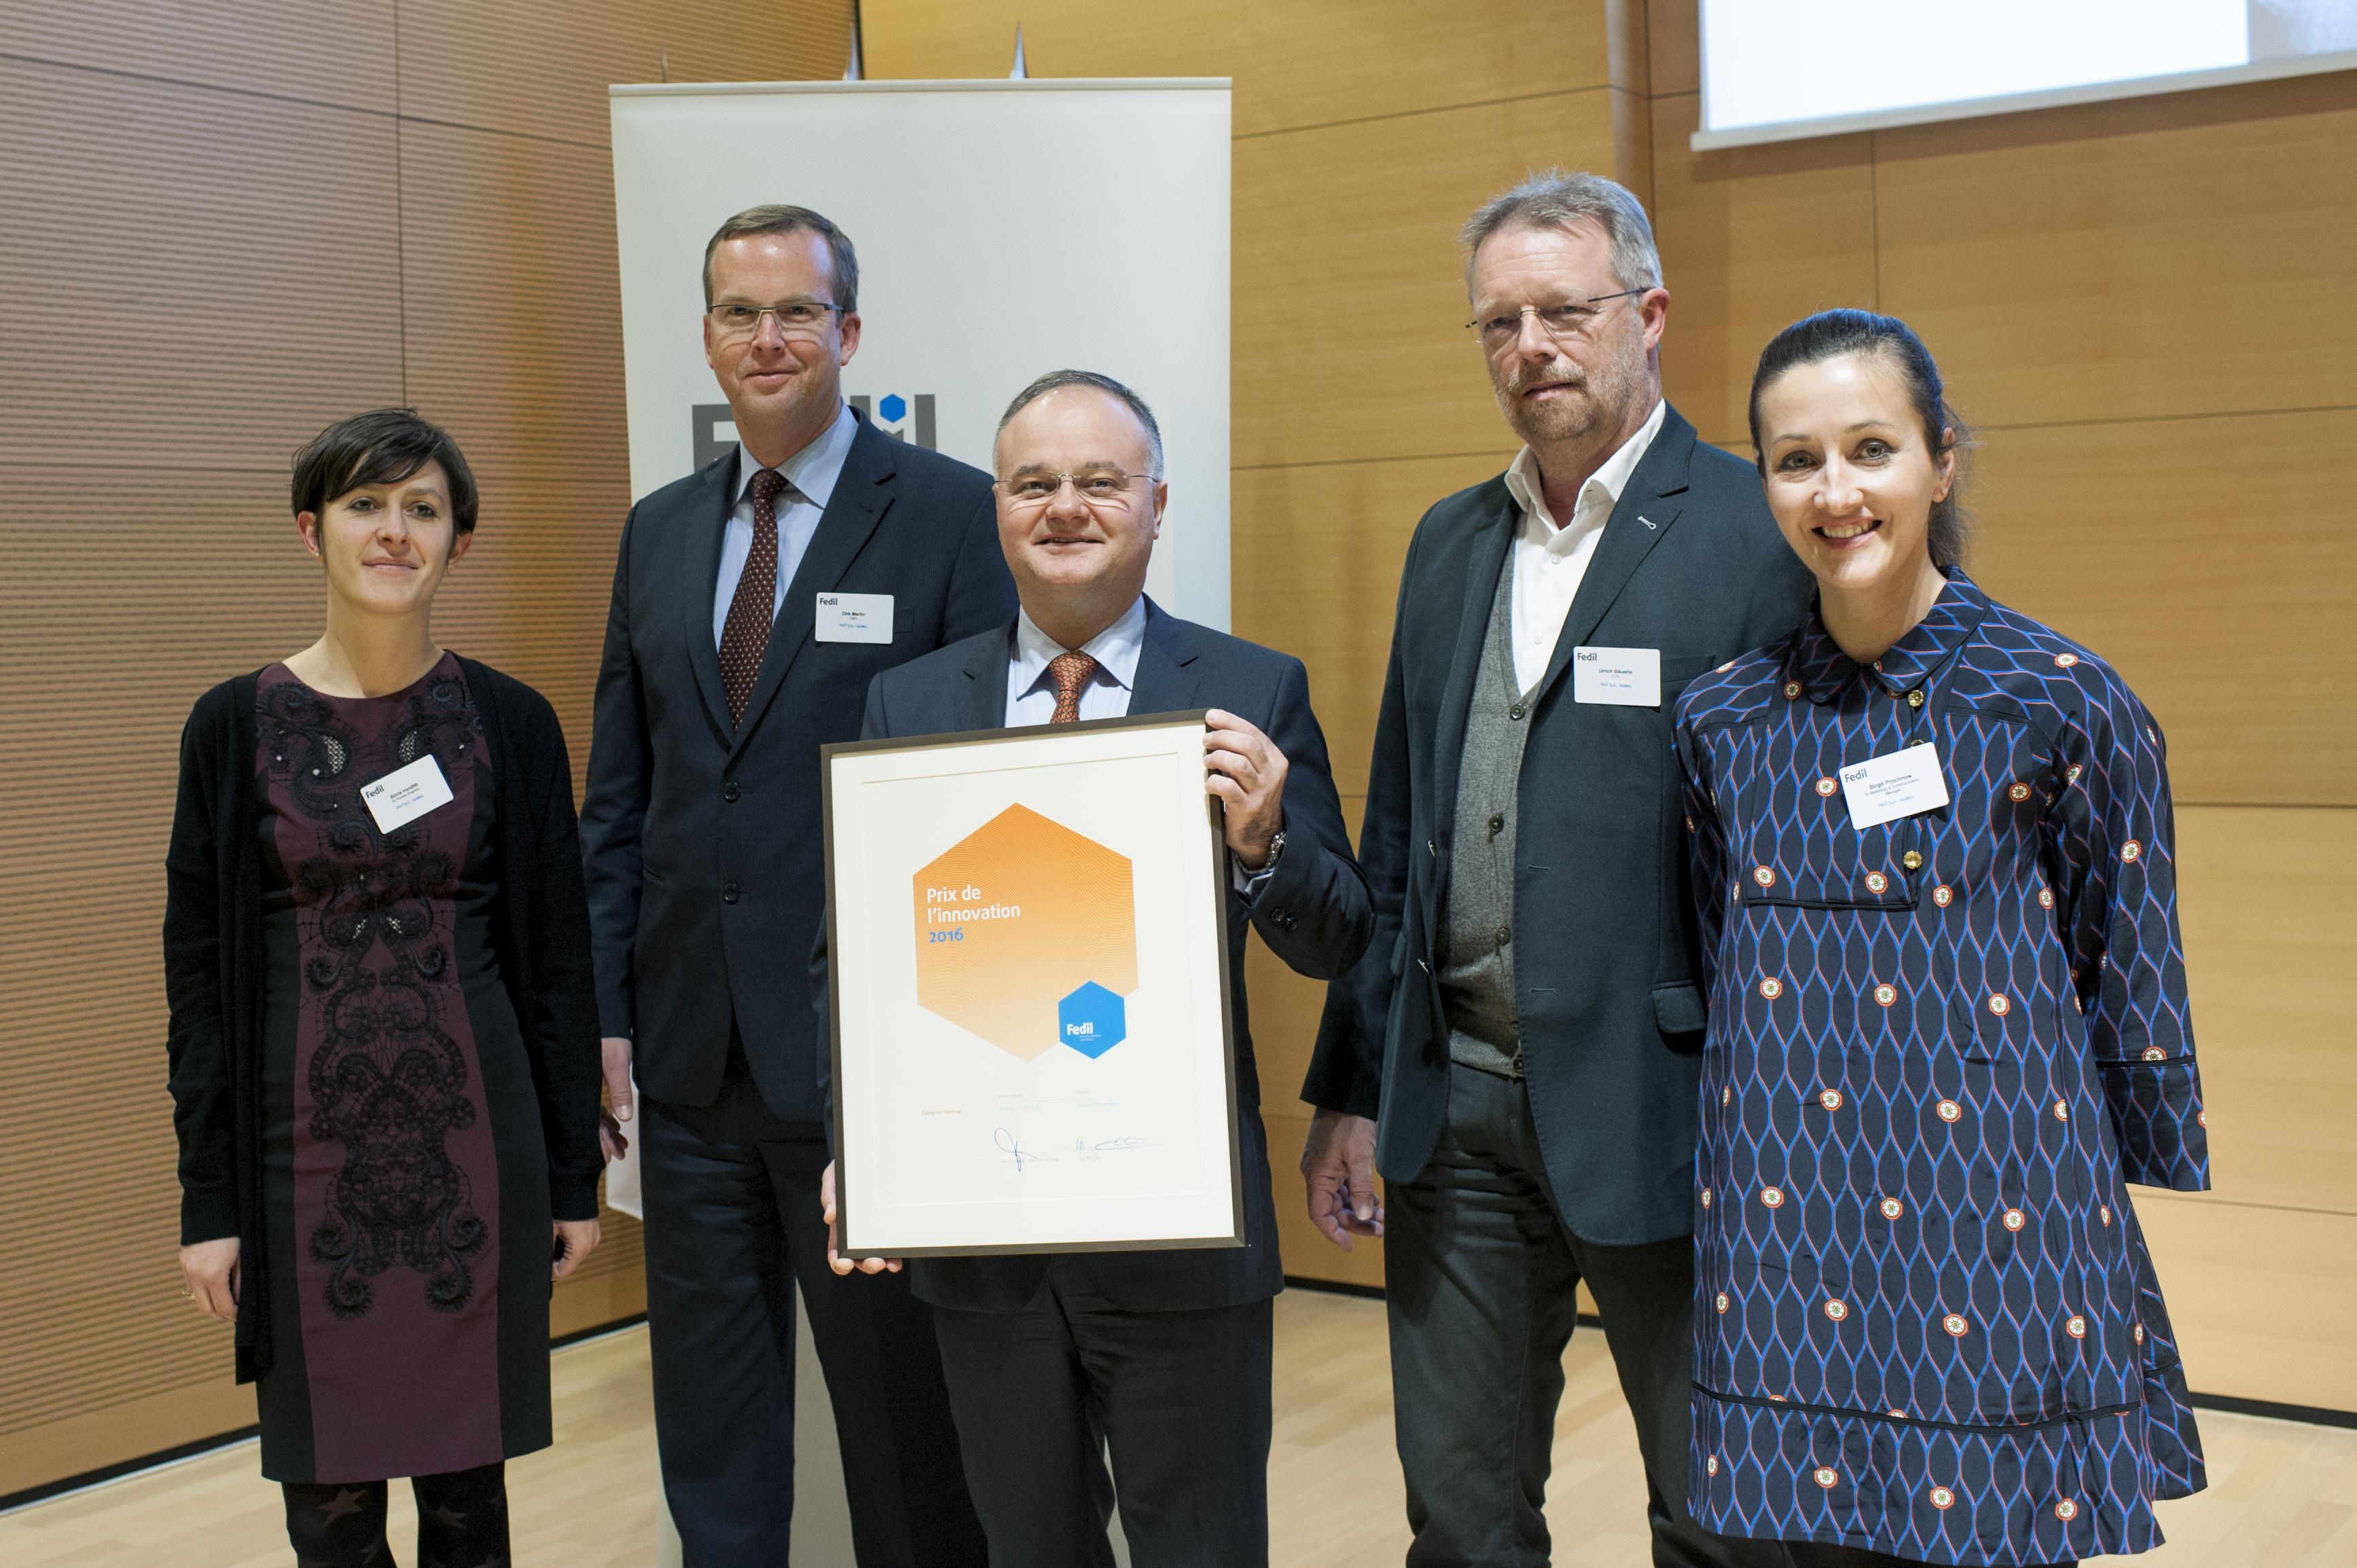 APATEQ, Prix de l'innovation dans la catégorie « Start-up » de la FFEDIL 2016